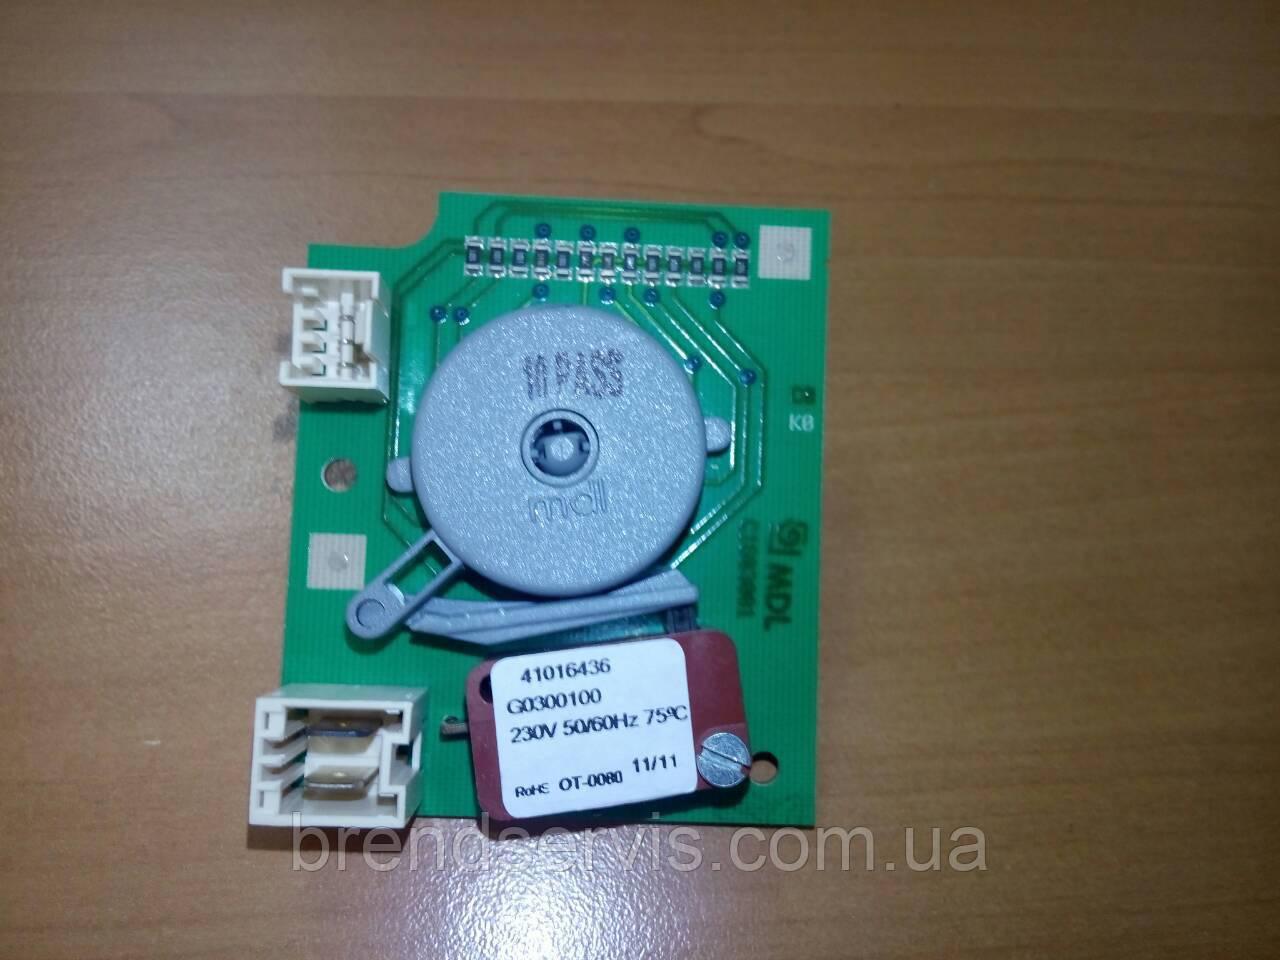 Электронный модуль с переключателем программ для стиральной машины Candy 41016436